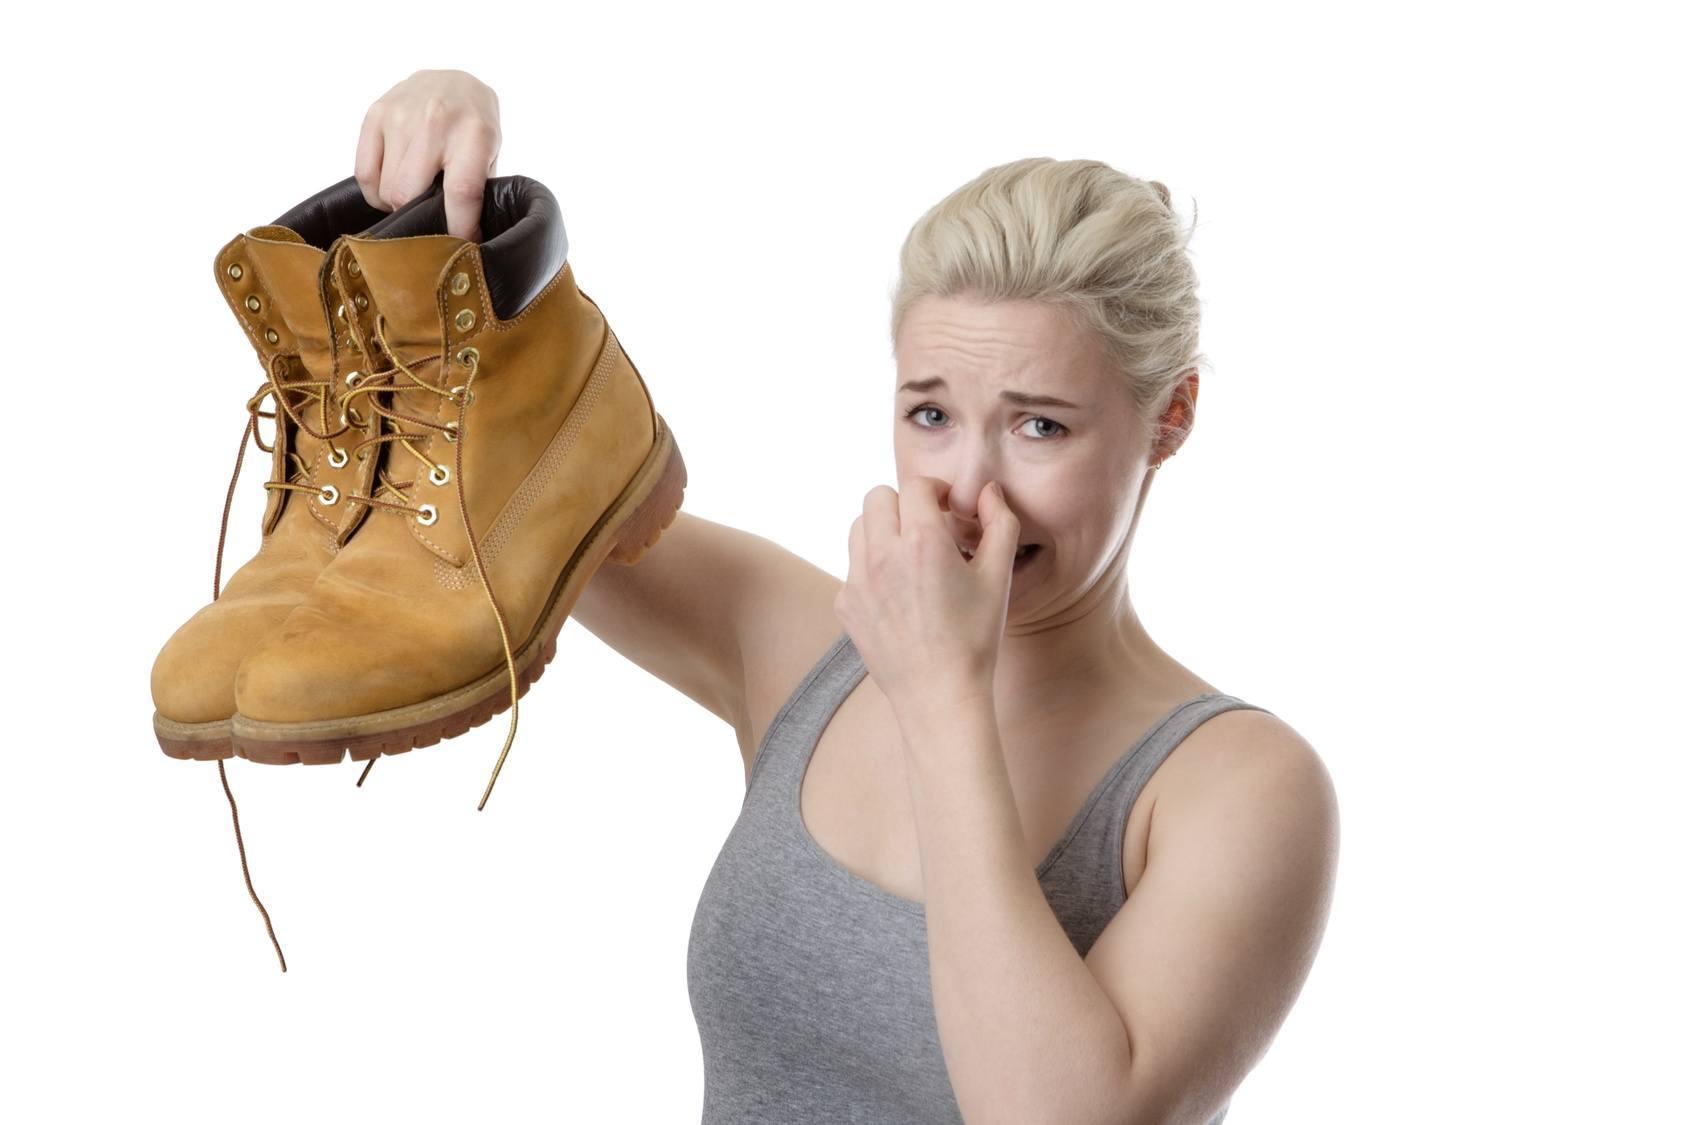 Как убрать запах из обуви потный и неприятный в домашних условиях